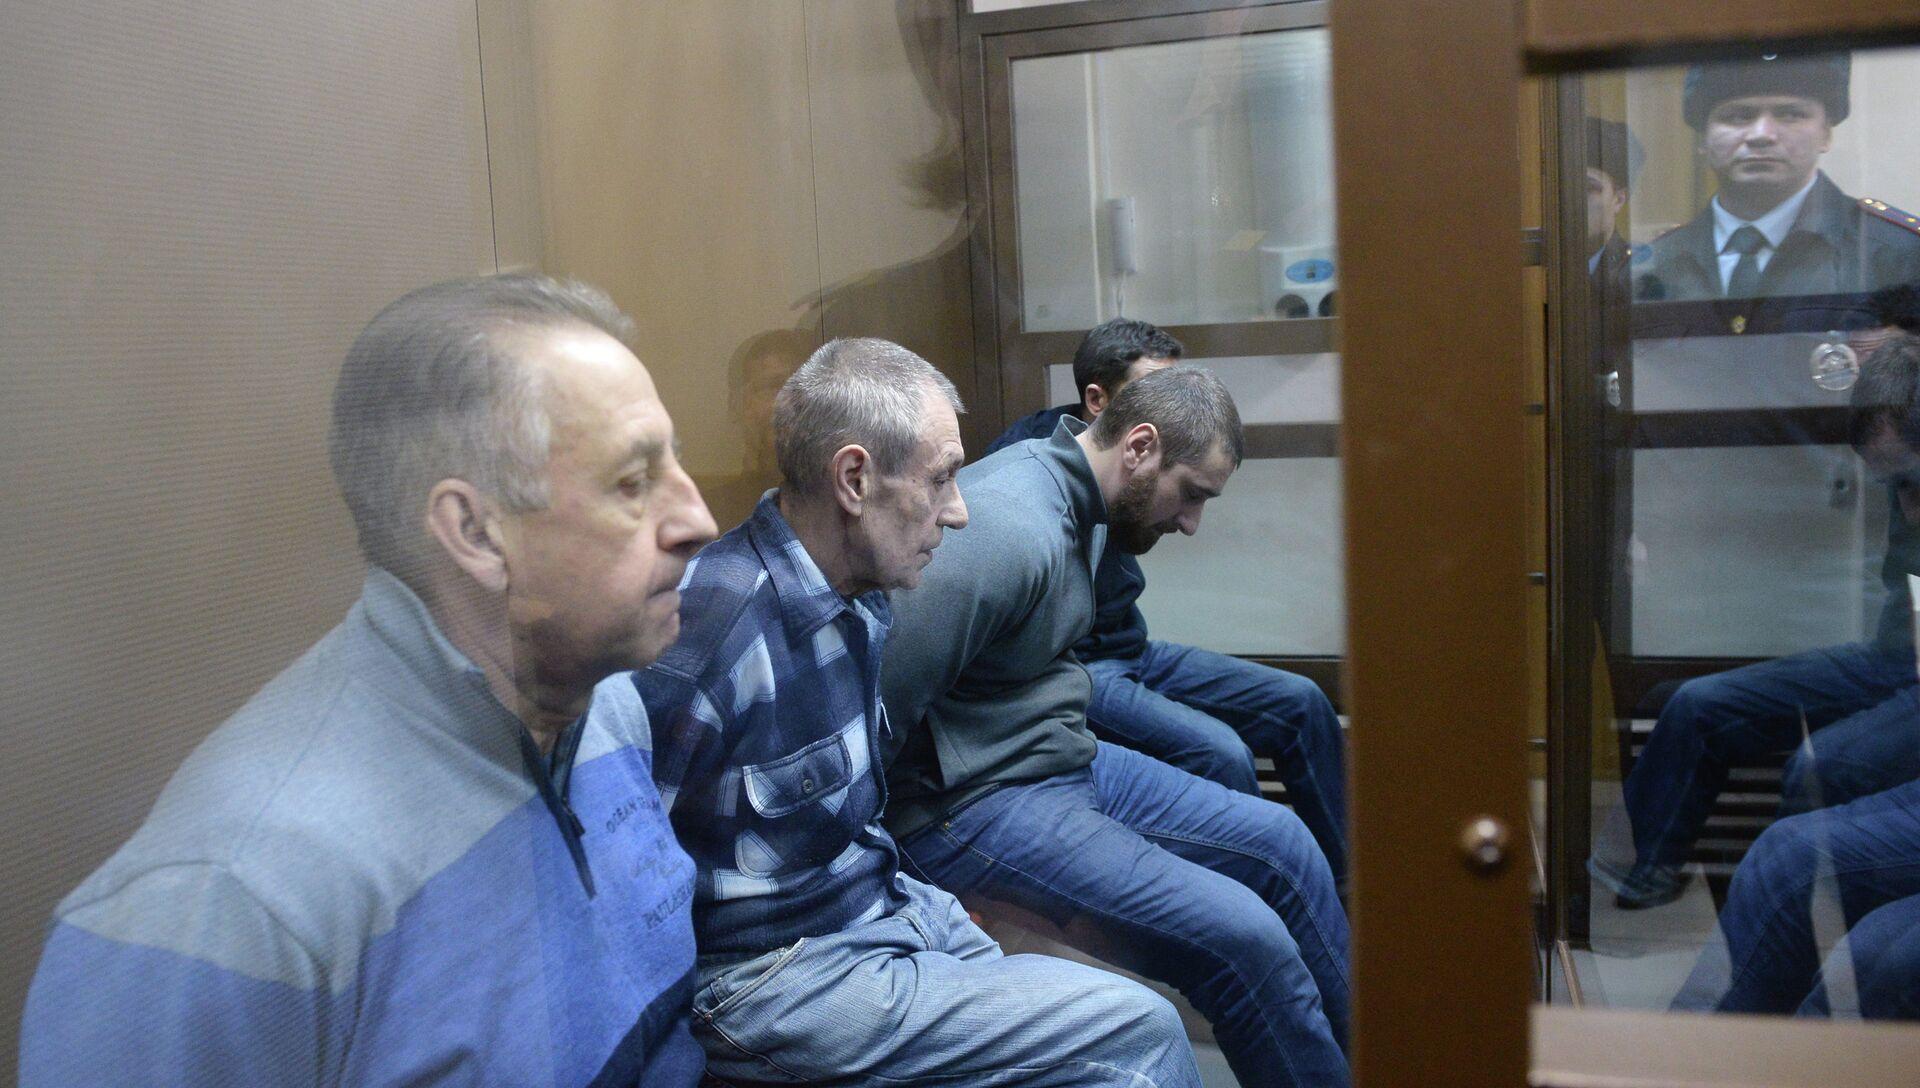 Обвиняемые по делу о крушении поезда в столичном метро 15 июля 2014 года в ожидании приговора в Дорогомиловском суде Москвы - РИА Новости, 1920, 09.11.2015